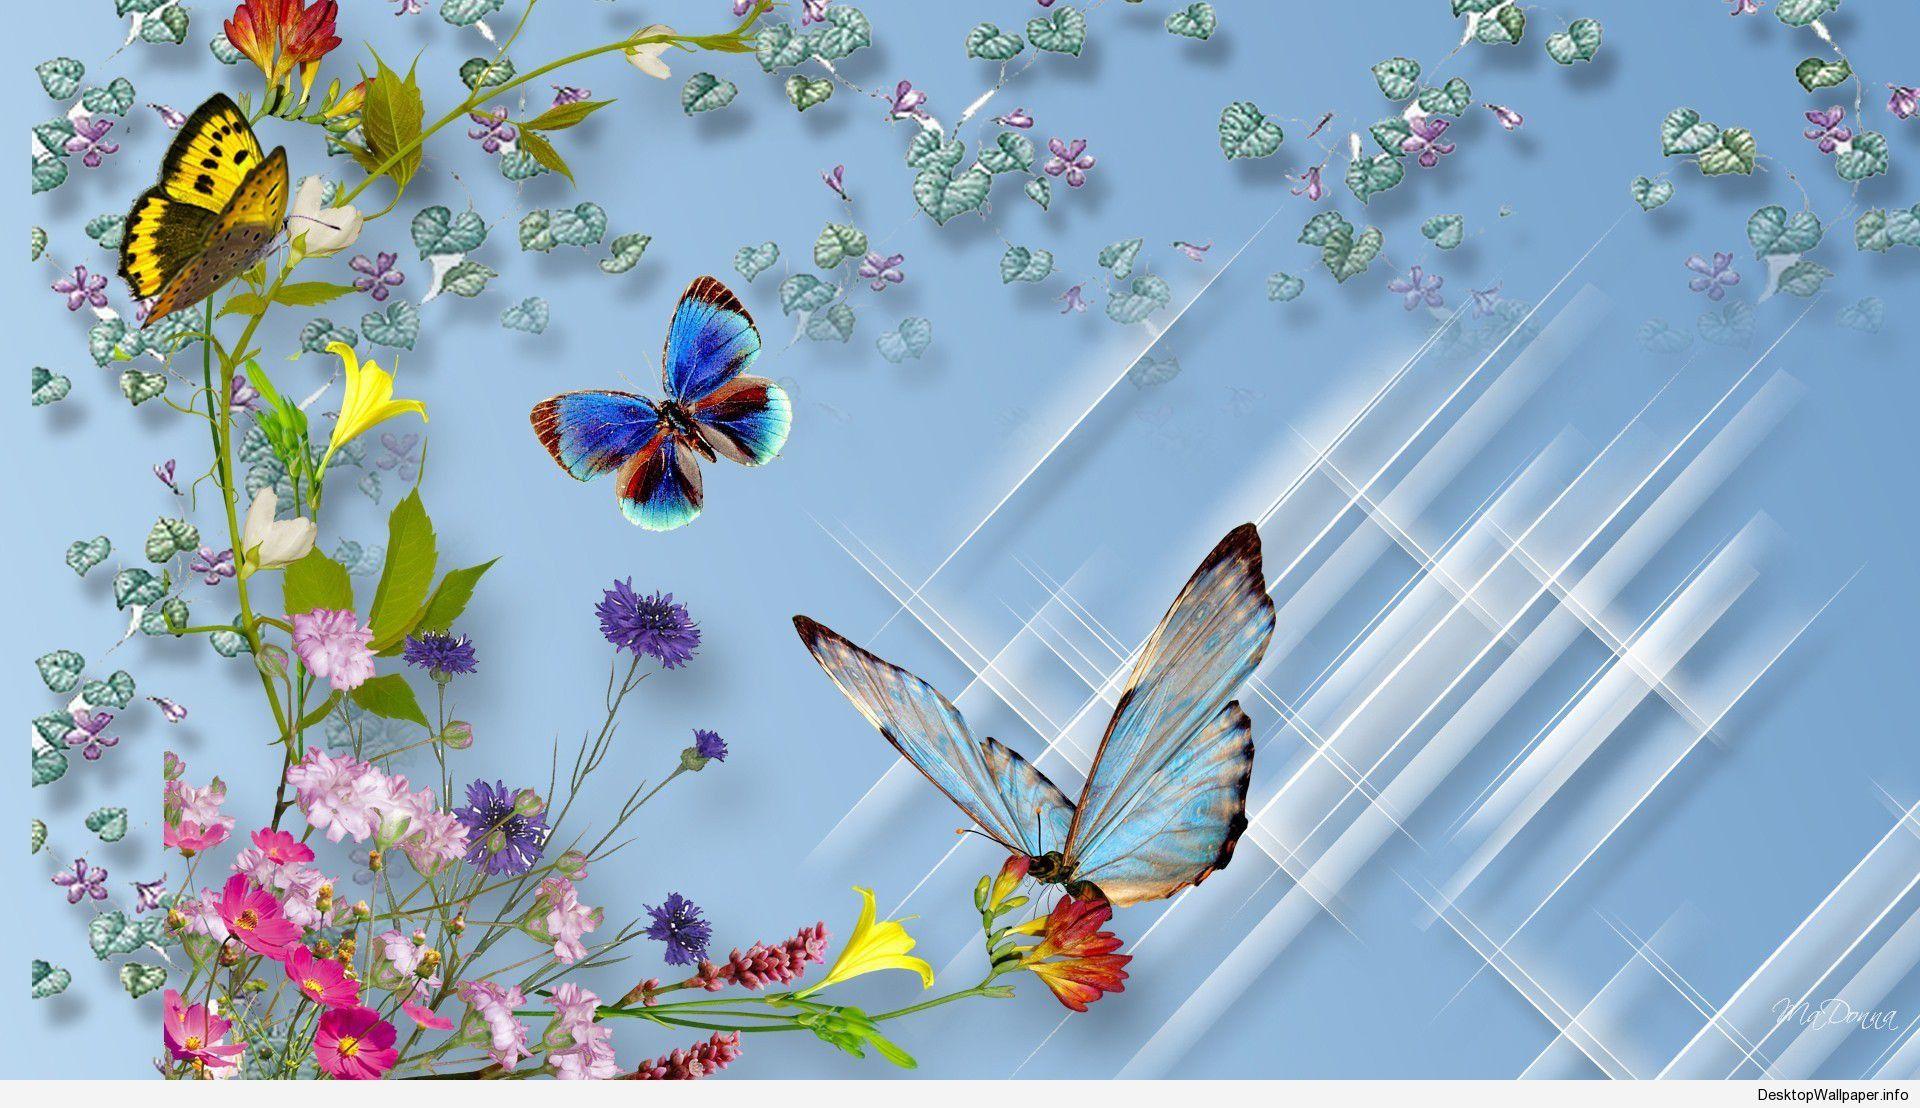 Butterfly 3d Wallpaper Http Desktopwallpaper Info Butterfly 3d Wallpaper 7347 Butte Butterfly Wallpaper Wallpaper Nature Flowers Purple Flowers Wallpaper